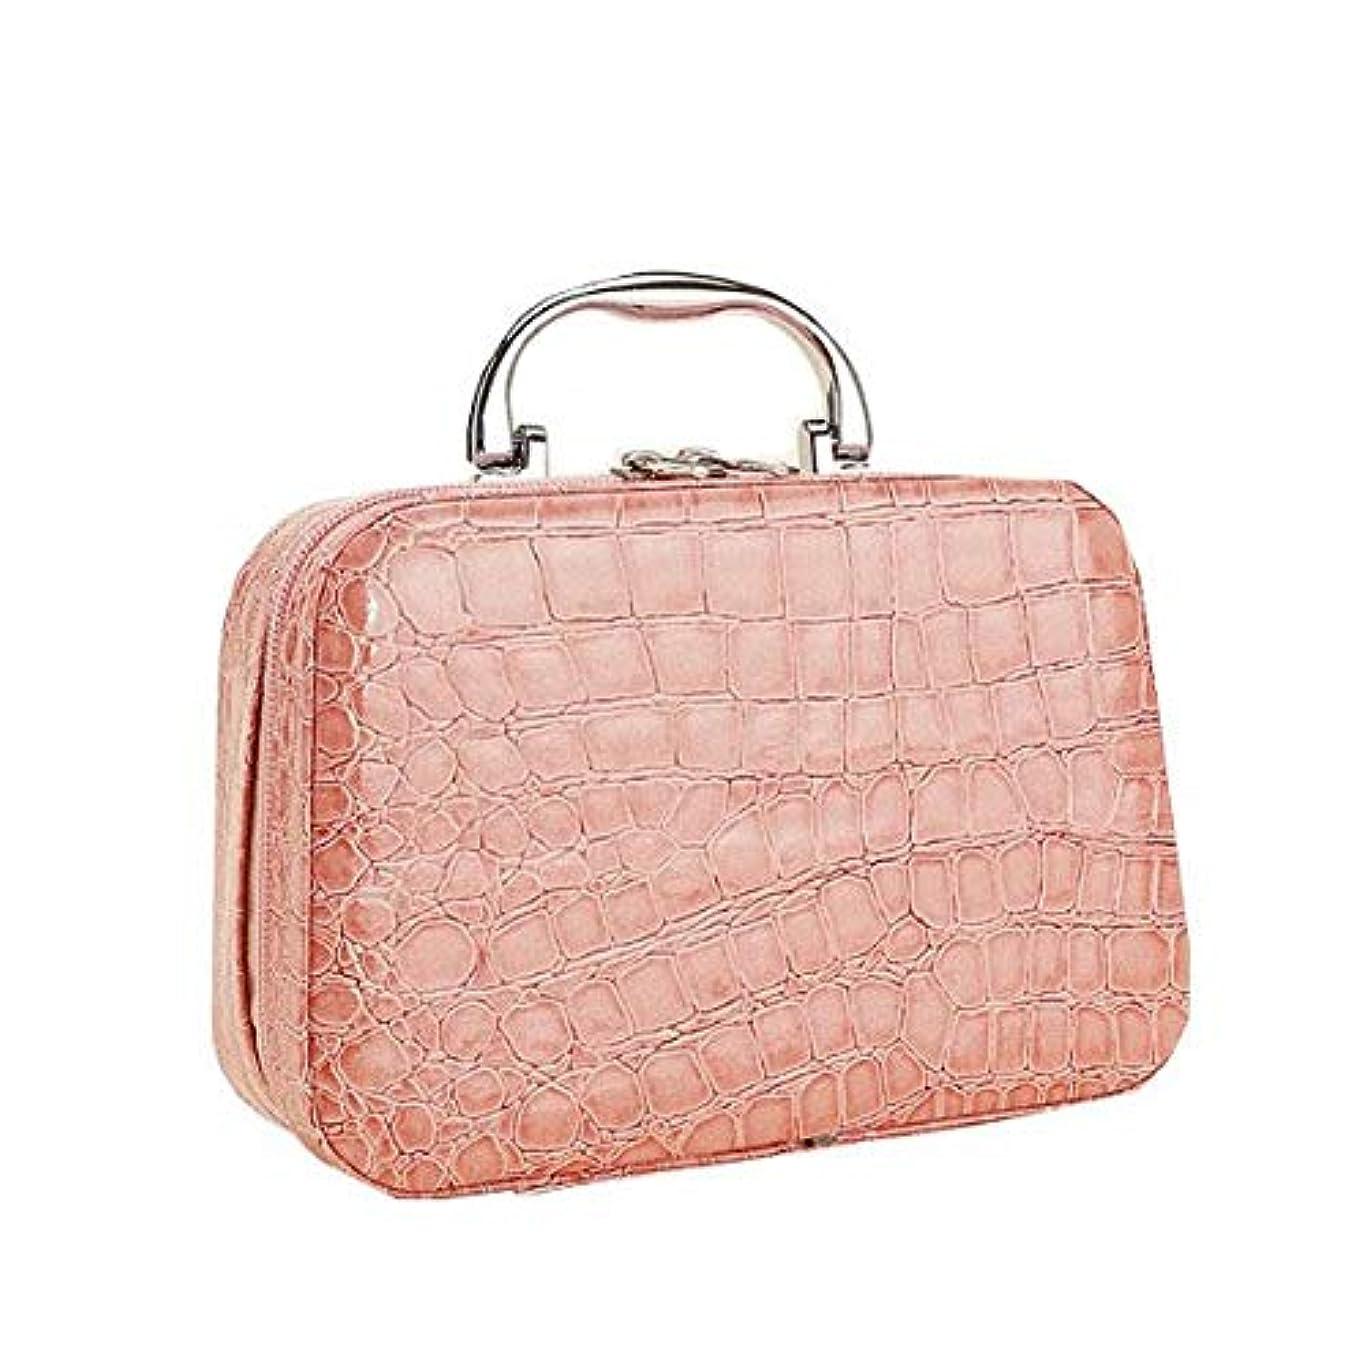 待って捕虜リンケージ化粧箱、ピンクのワニ皮の化粧箱、携帯用携帯用旅行化粧品の箱、美の釘の宝石類の収納箱